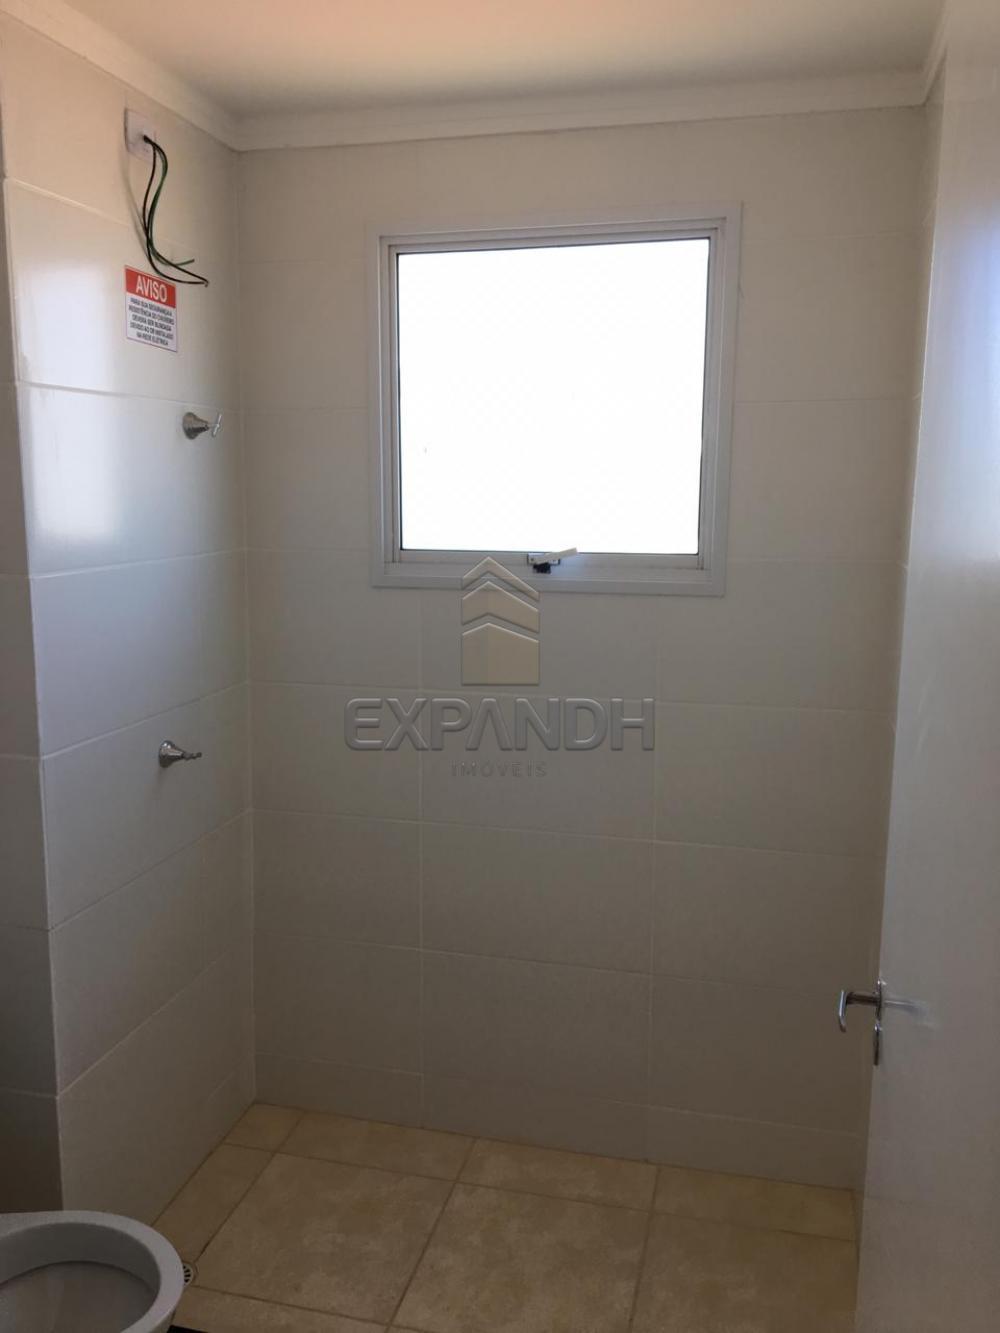 Alugar Apartamentos / Padrão em Sertãozinho R$ 600,00 - Foto 23